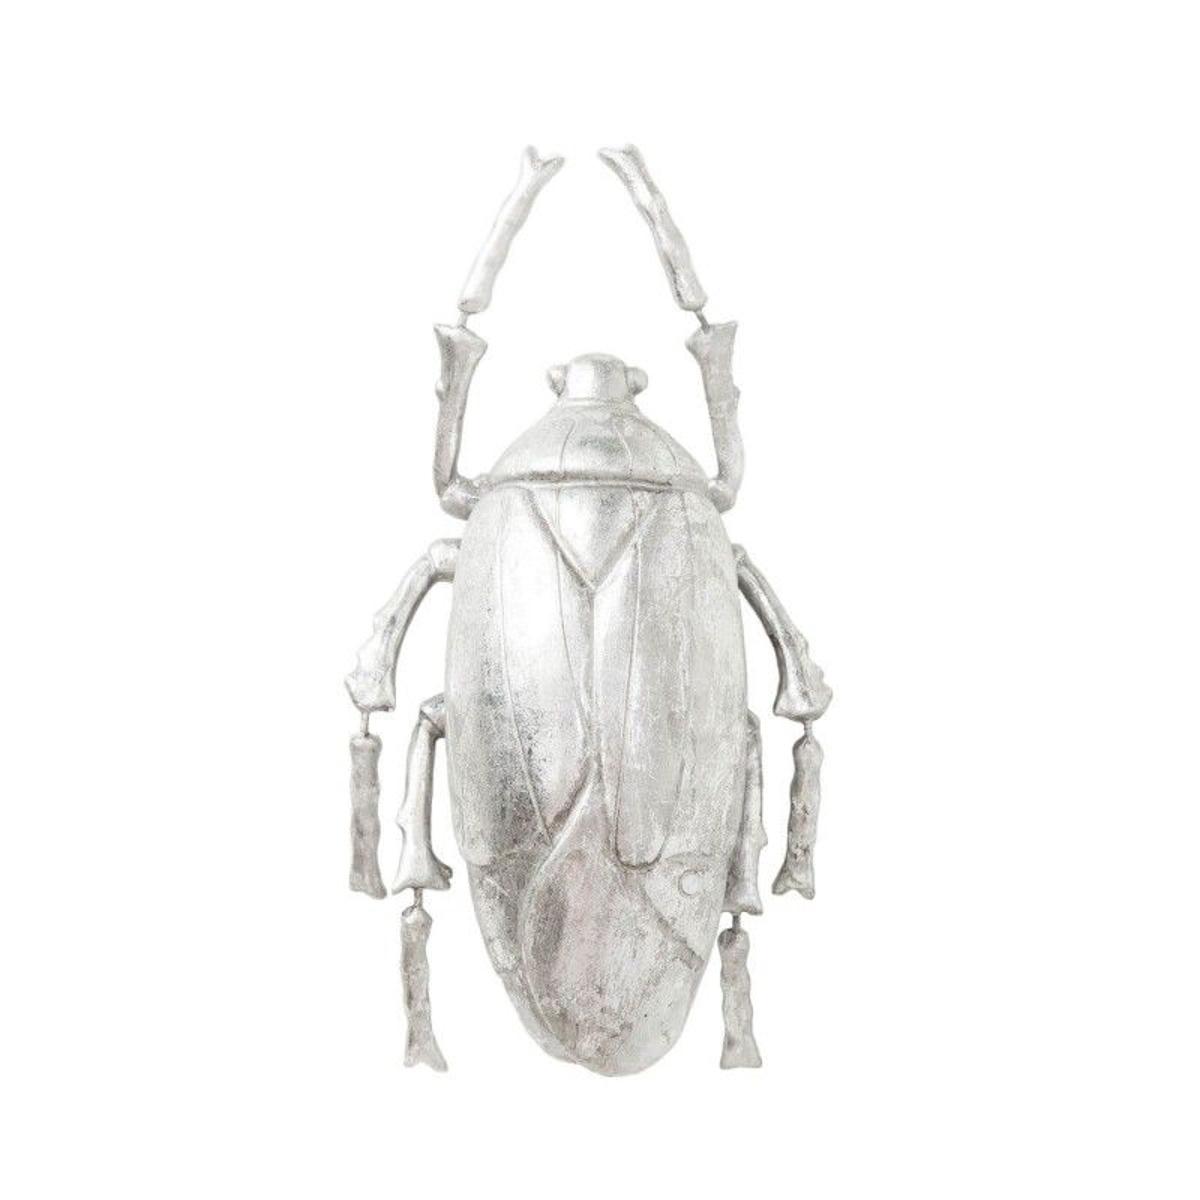 Déco murale Plant Beetle argentée Kare Design